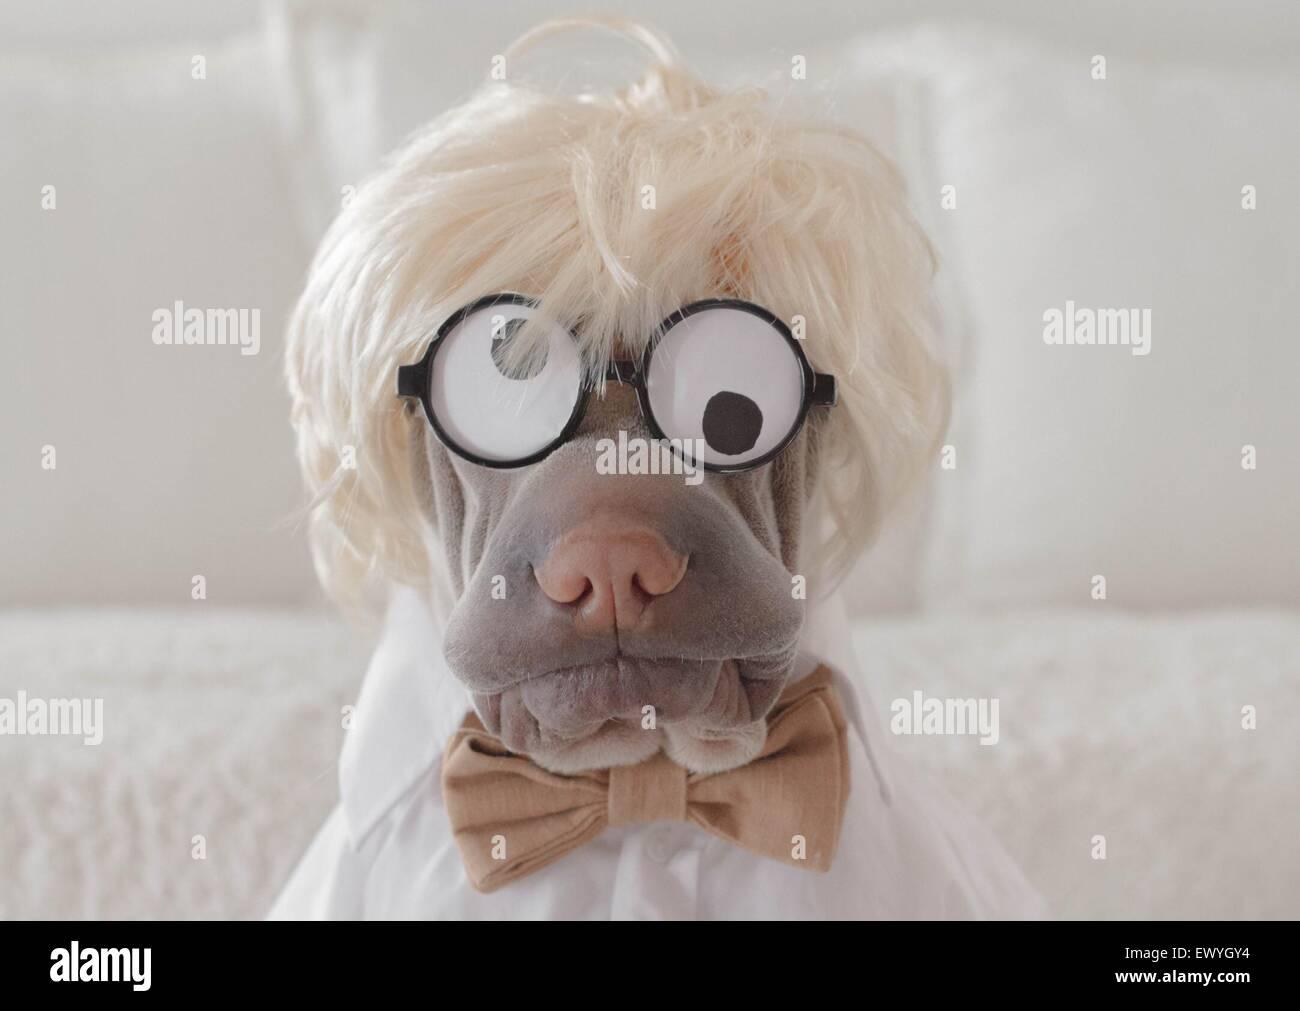 Shar pei dog dressed as a crazy professor - Stock Image